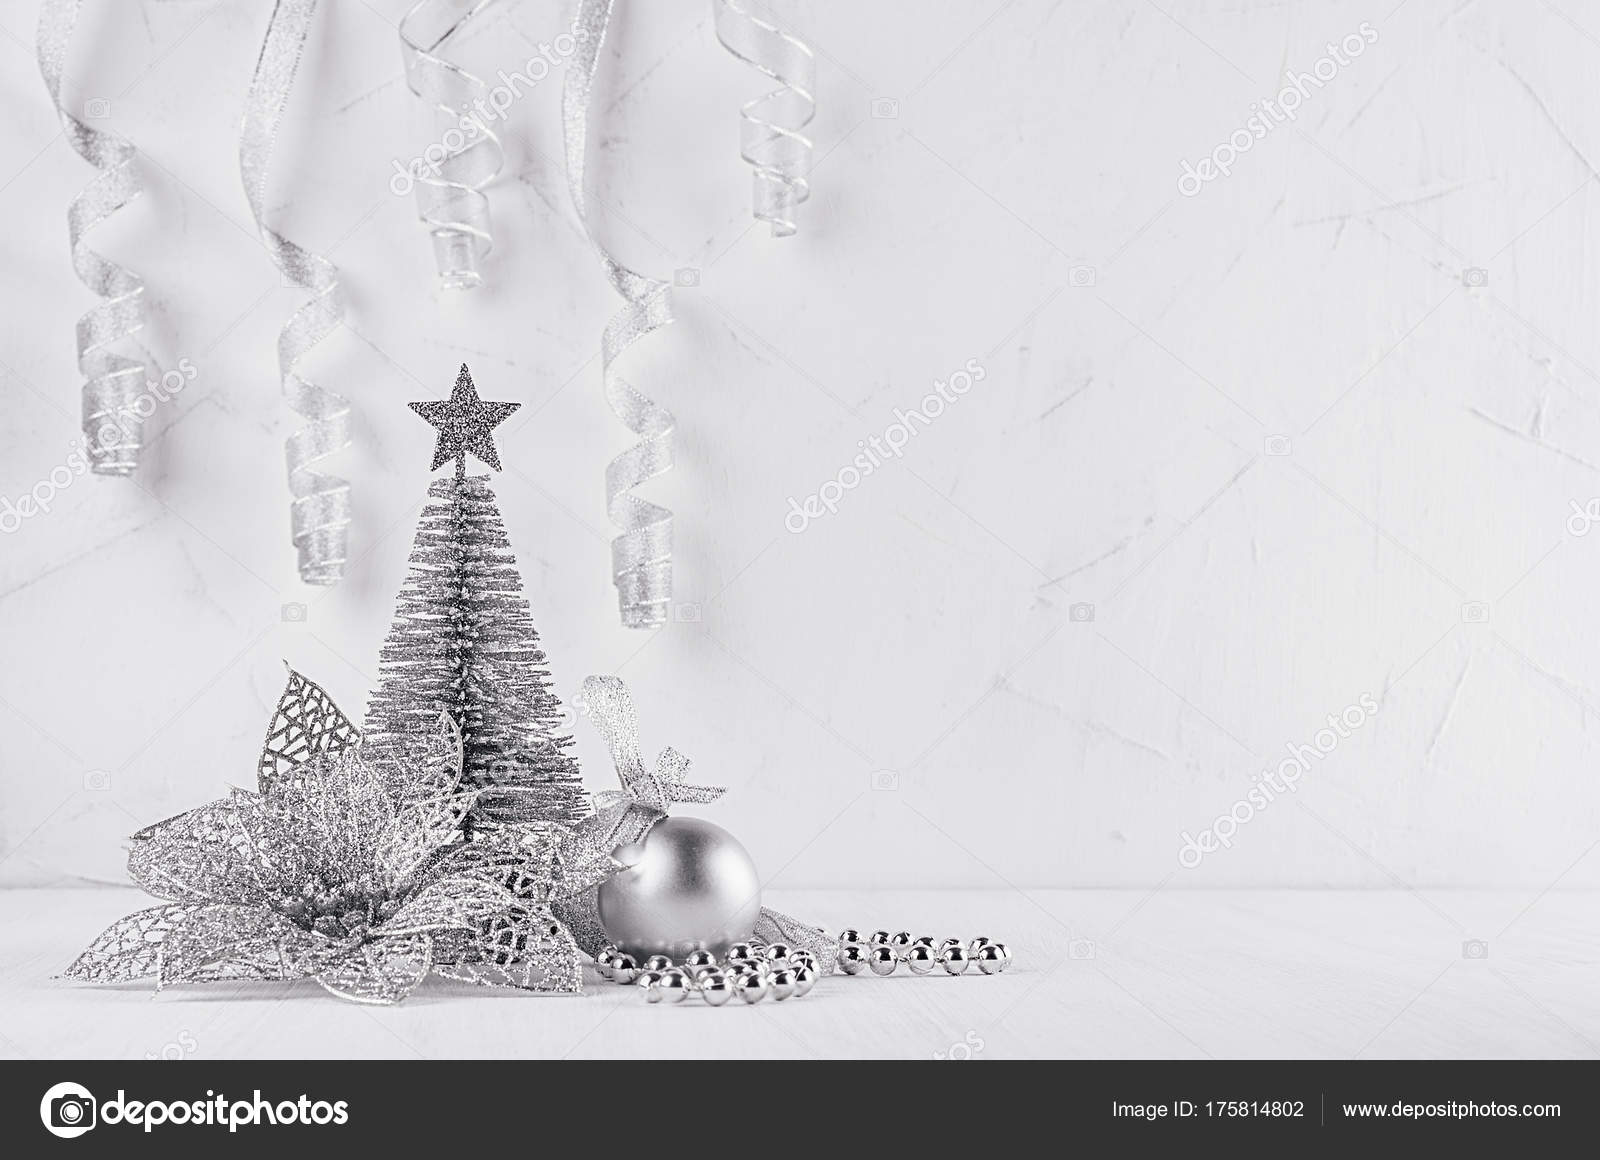 Weihnachtsstern Für Tannenbaum.Silbernen Glitzer Weihnachtsbaum Und Weihnachtsstern Auf Modernen